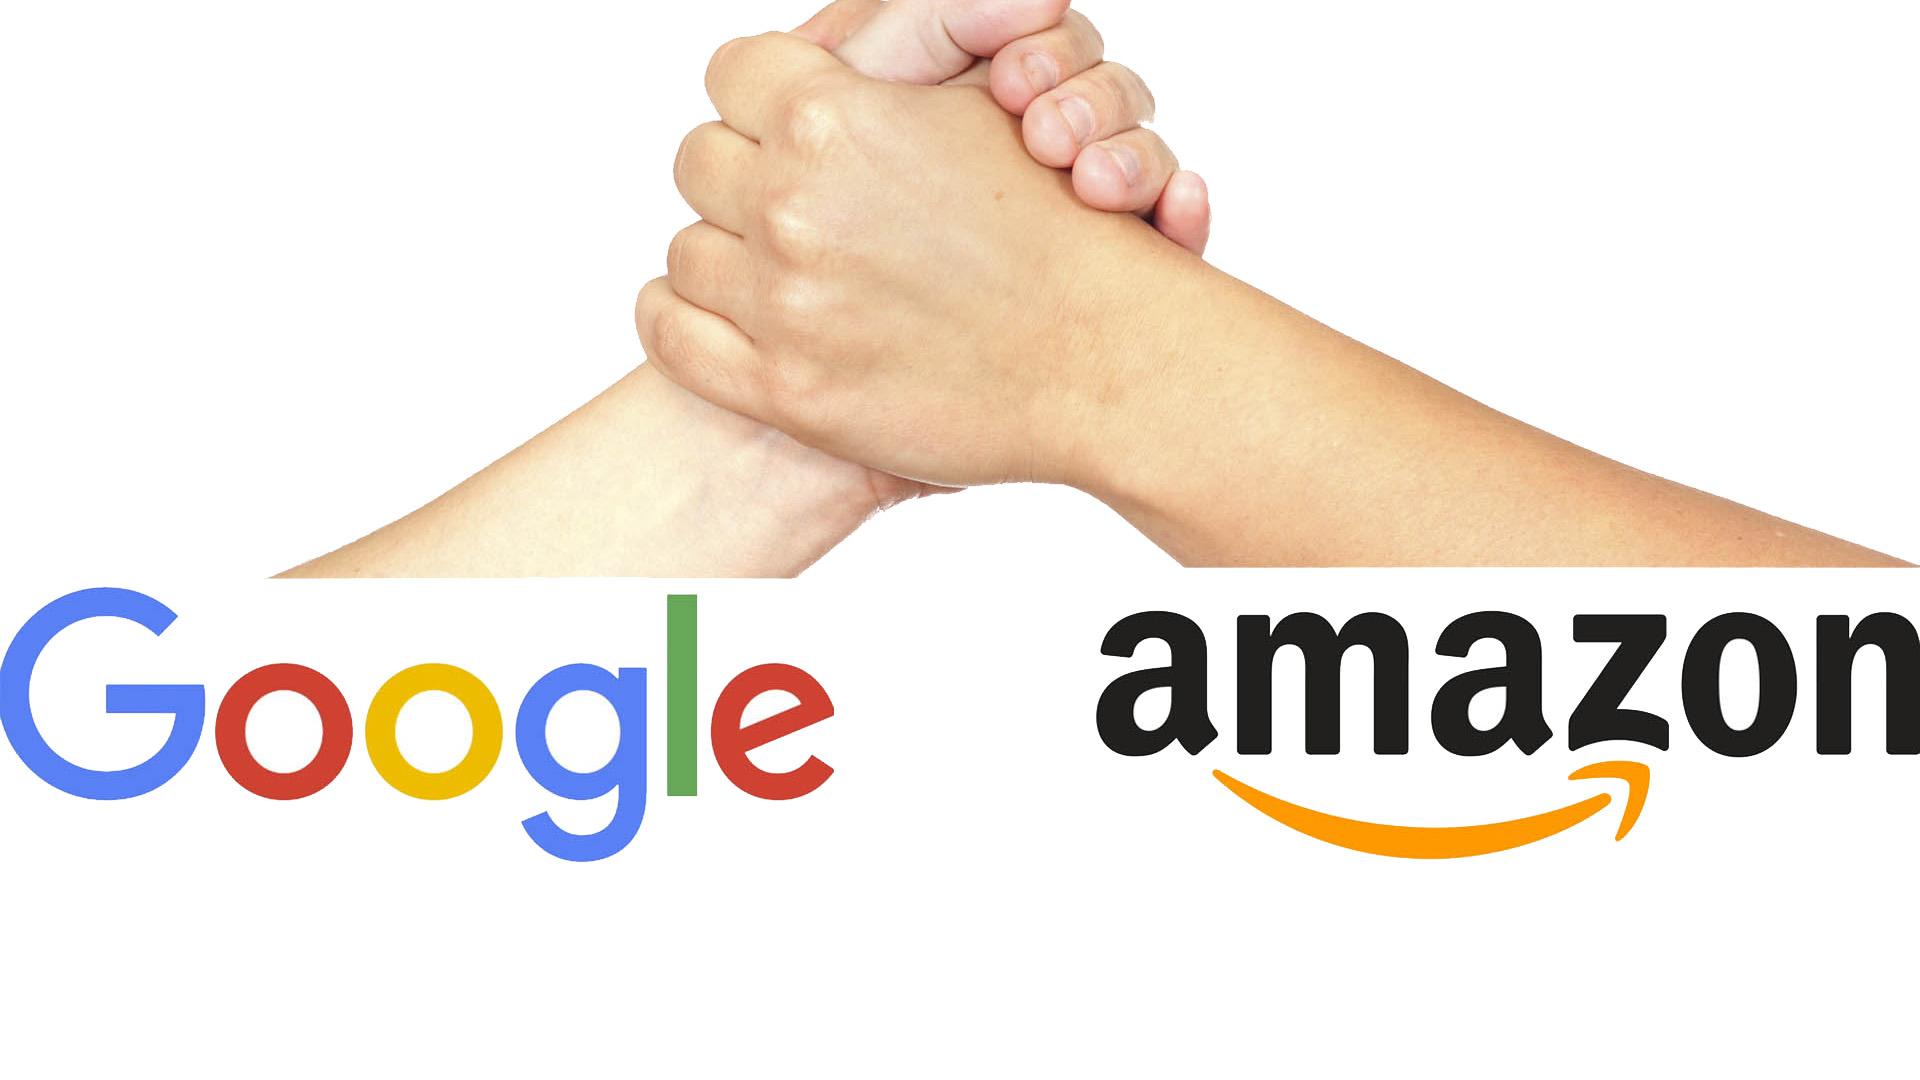 Ambos gigantes del internet compiten en ciertas áreas, pero no de manera frontal